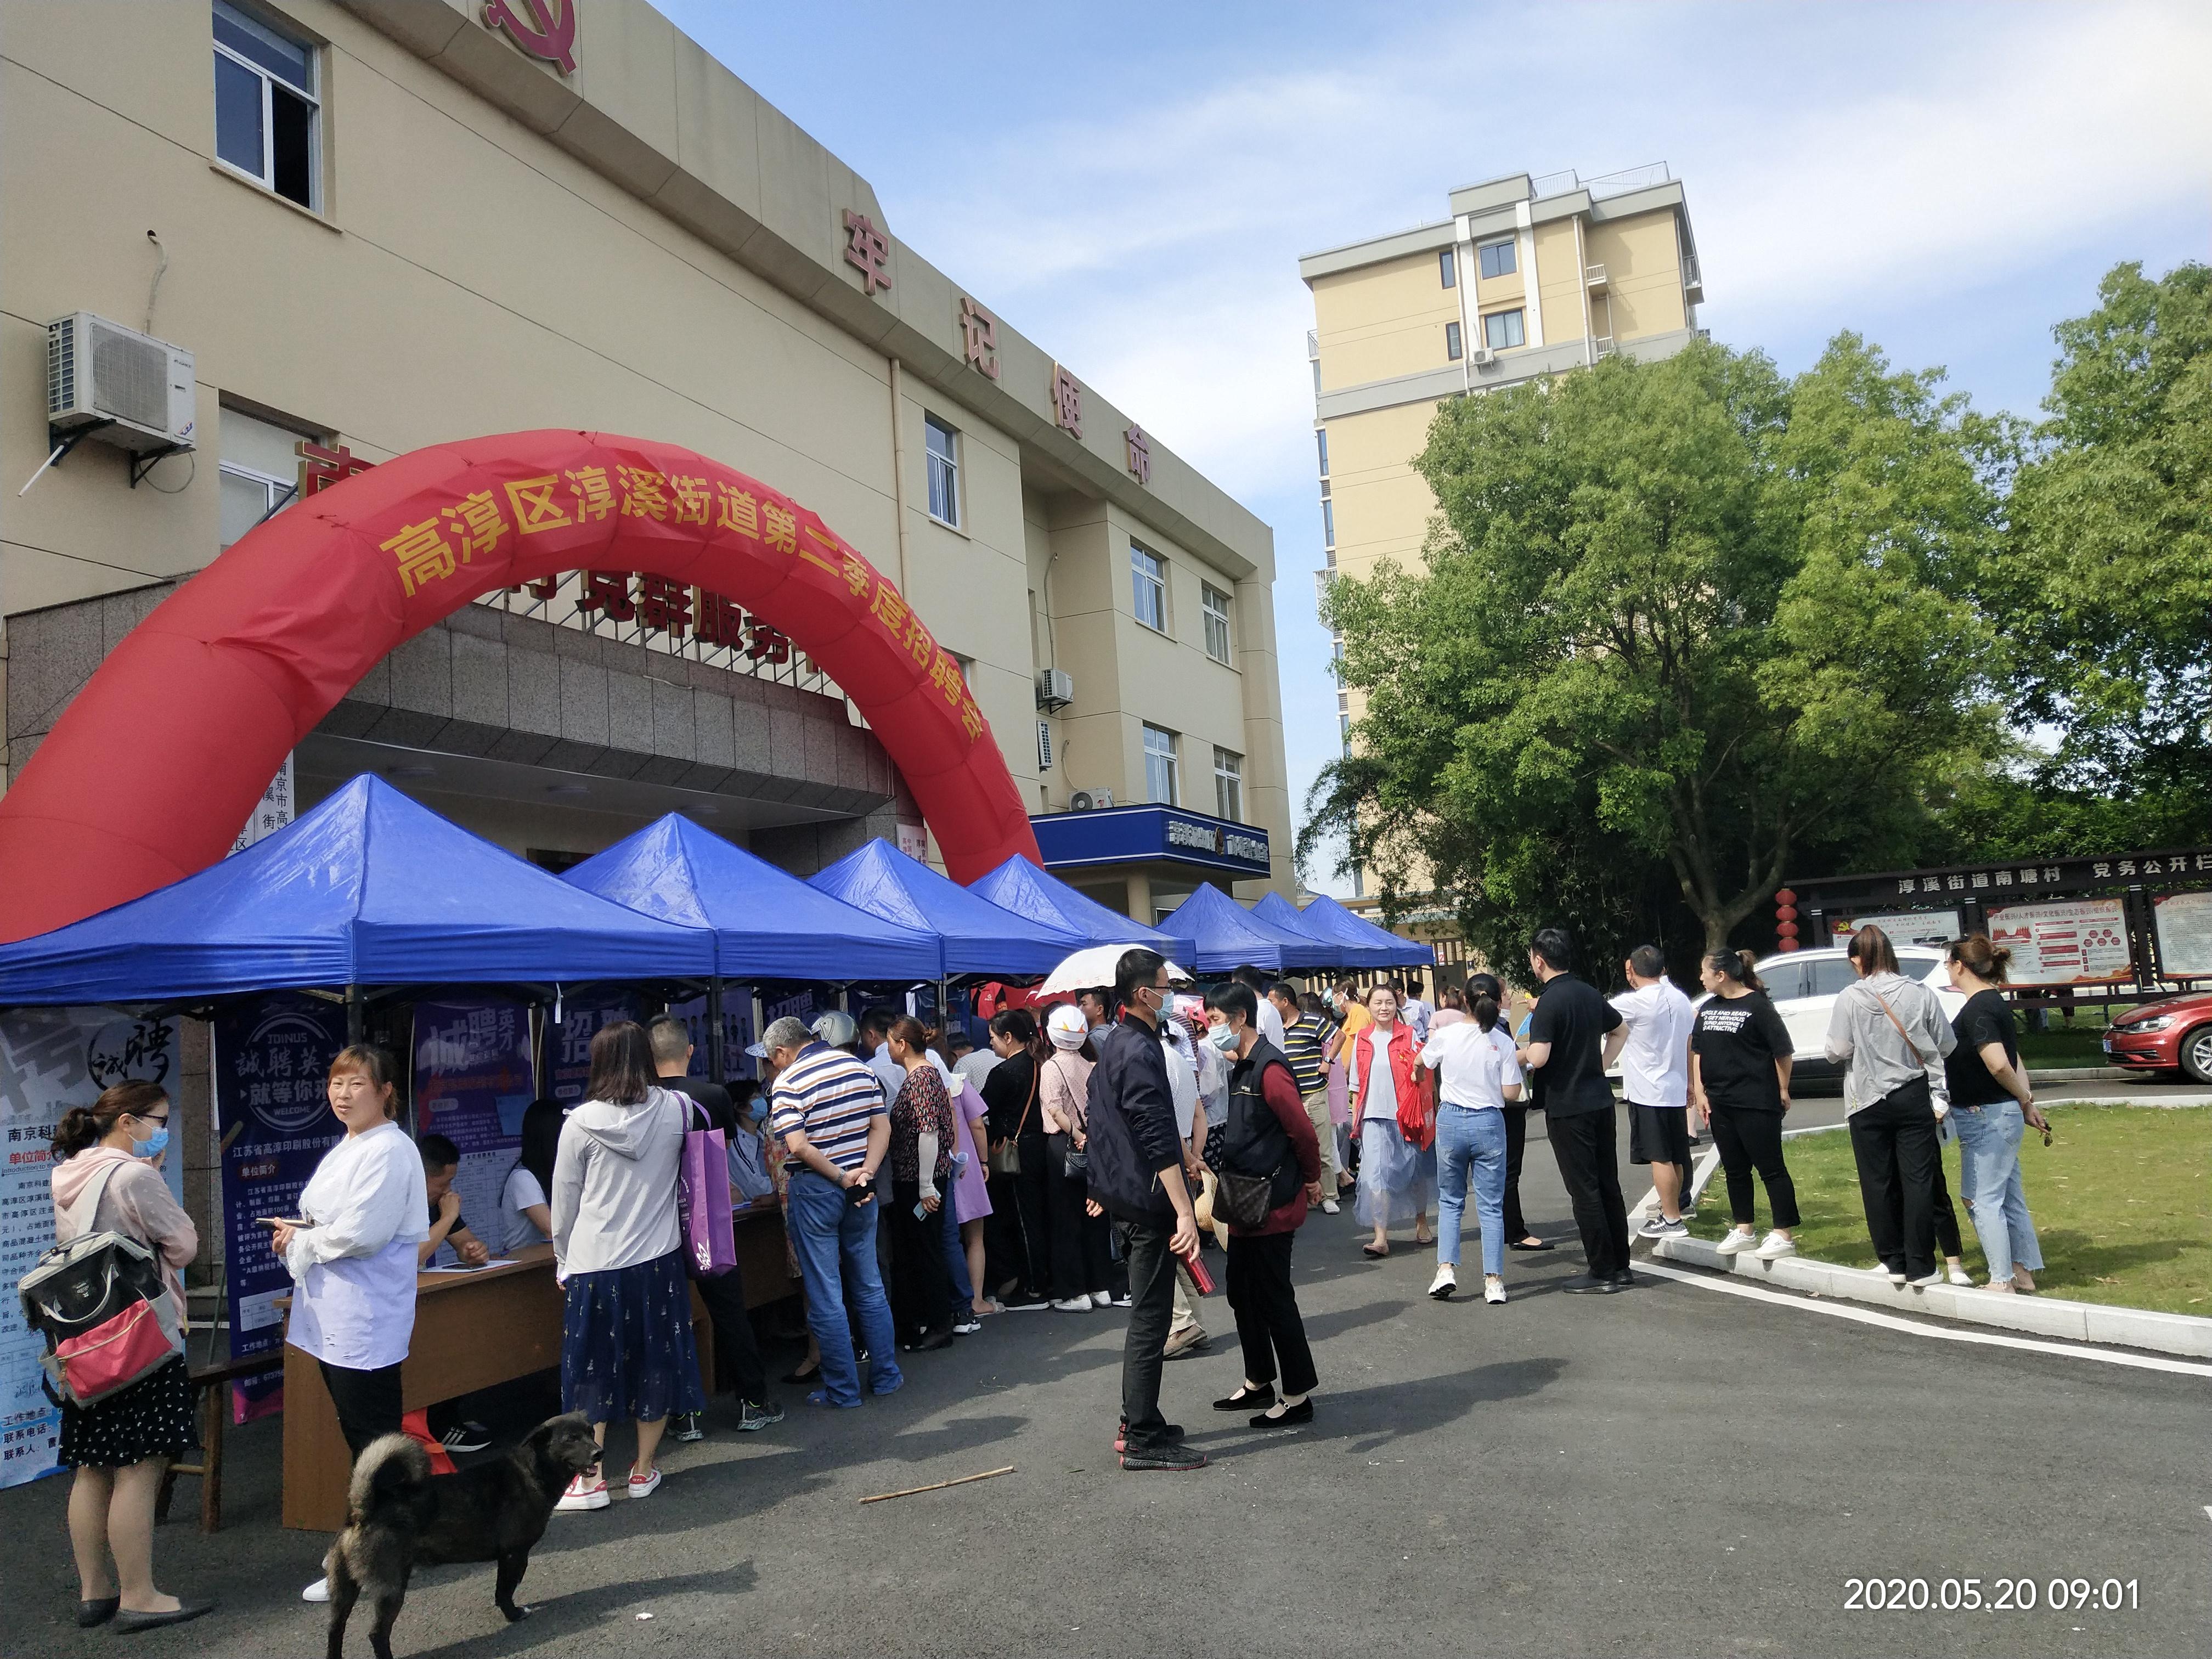 疫情缓解后,南京市高淳区将招聘会开到了淳溪街道南塘村